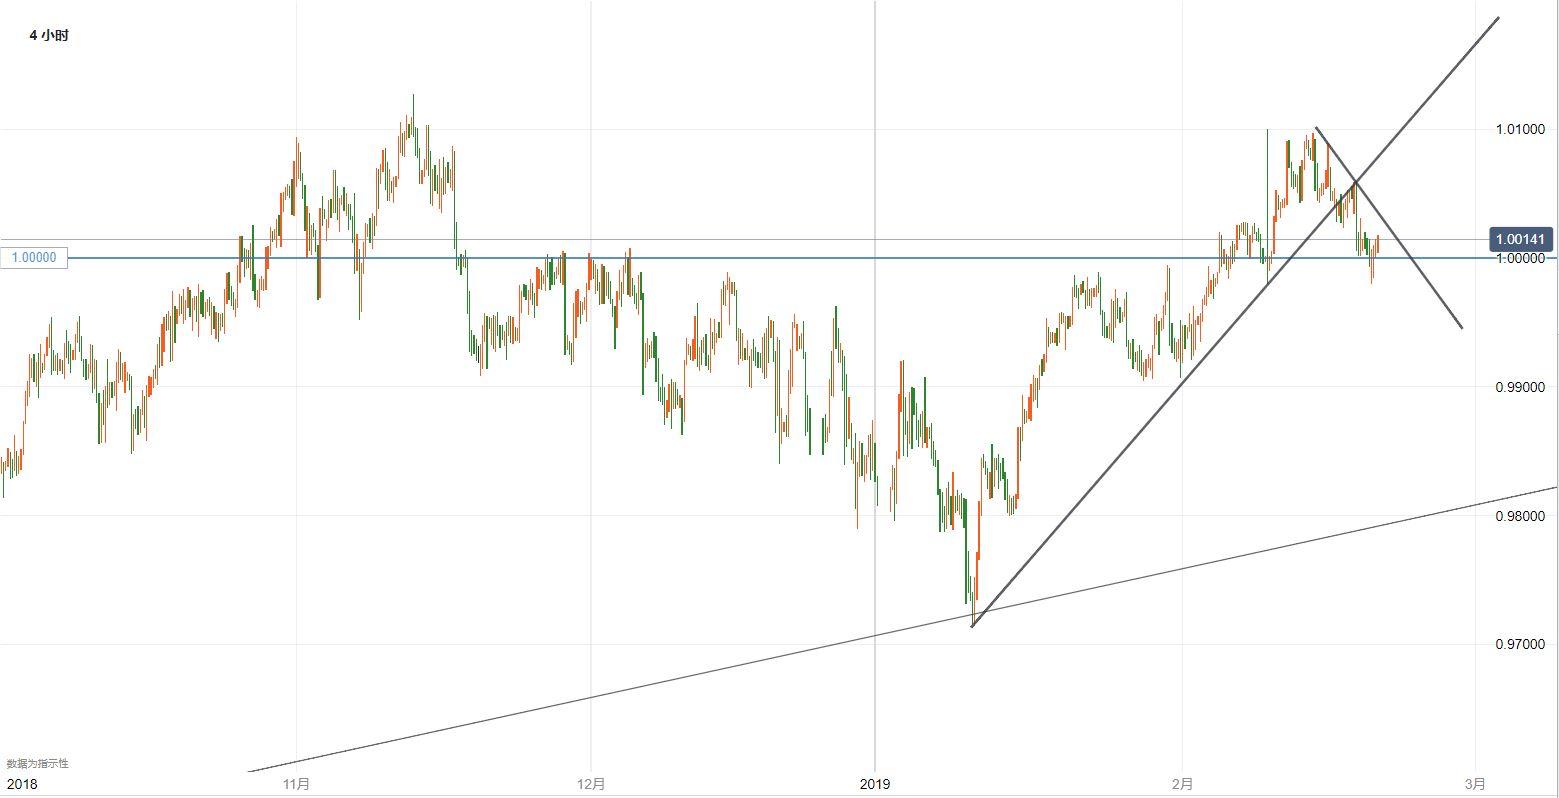 美元/瑞郎技术分析:逢高做空等待确认跌破平价